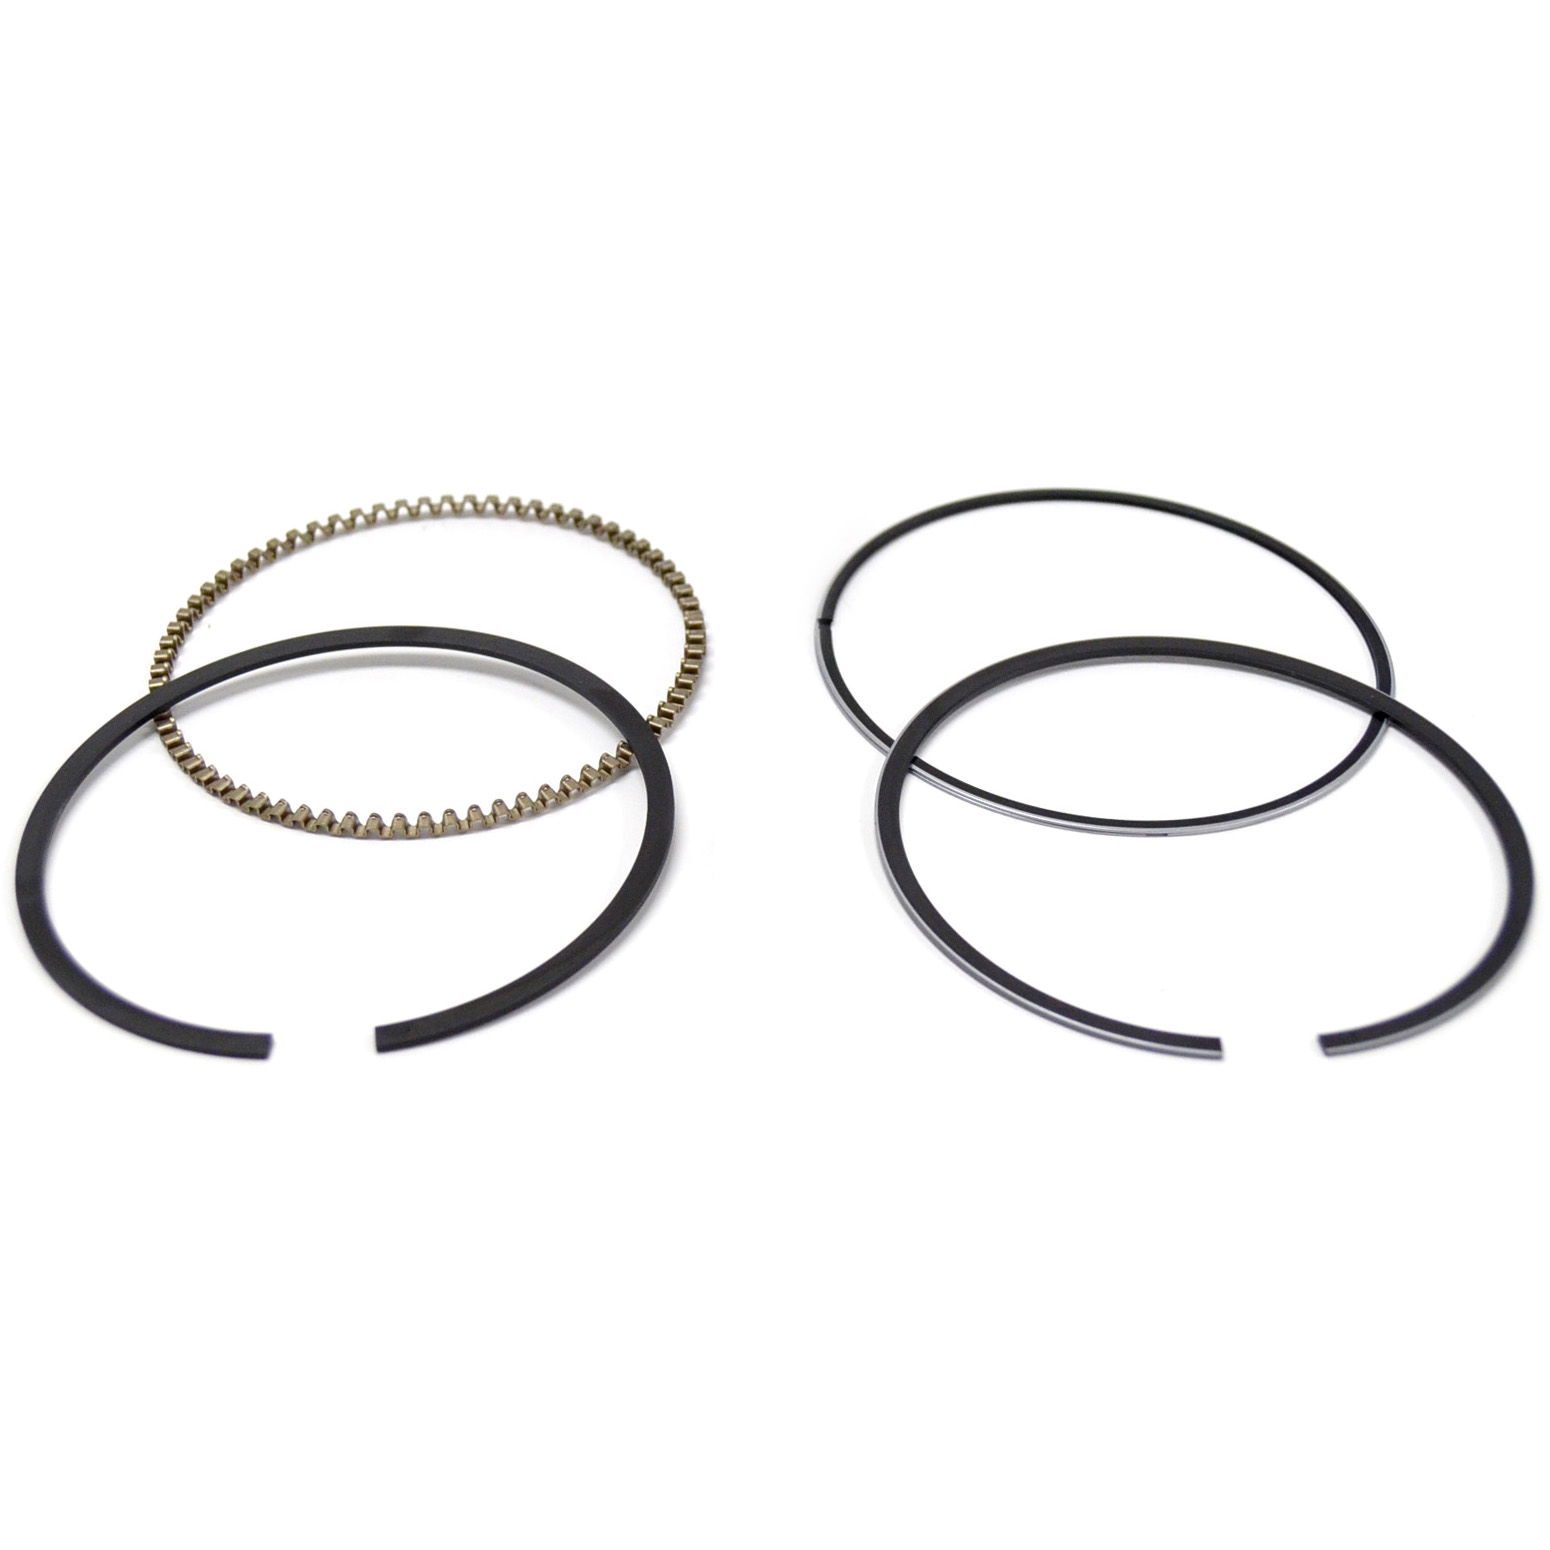 Honda Trx250 97 02 Trx250ex 01 02 Piston Rings 1mm